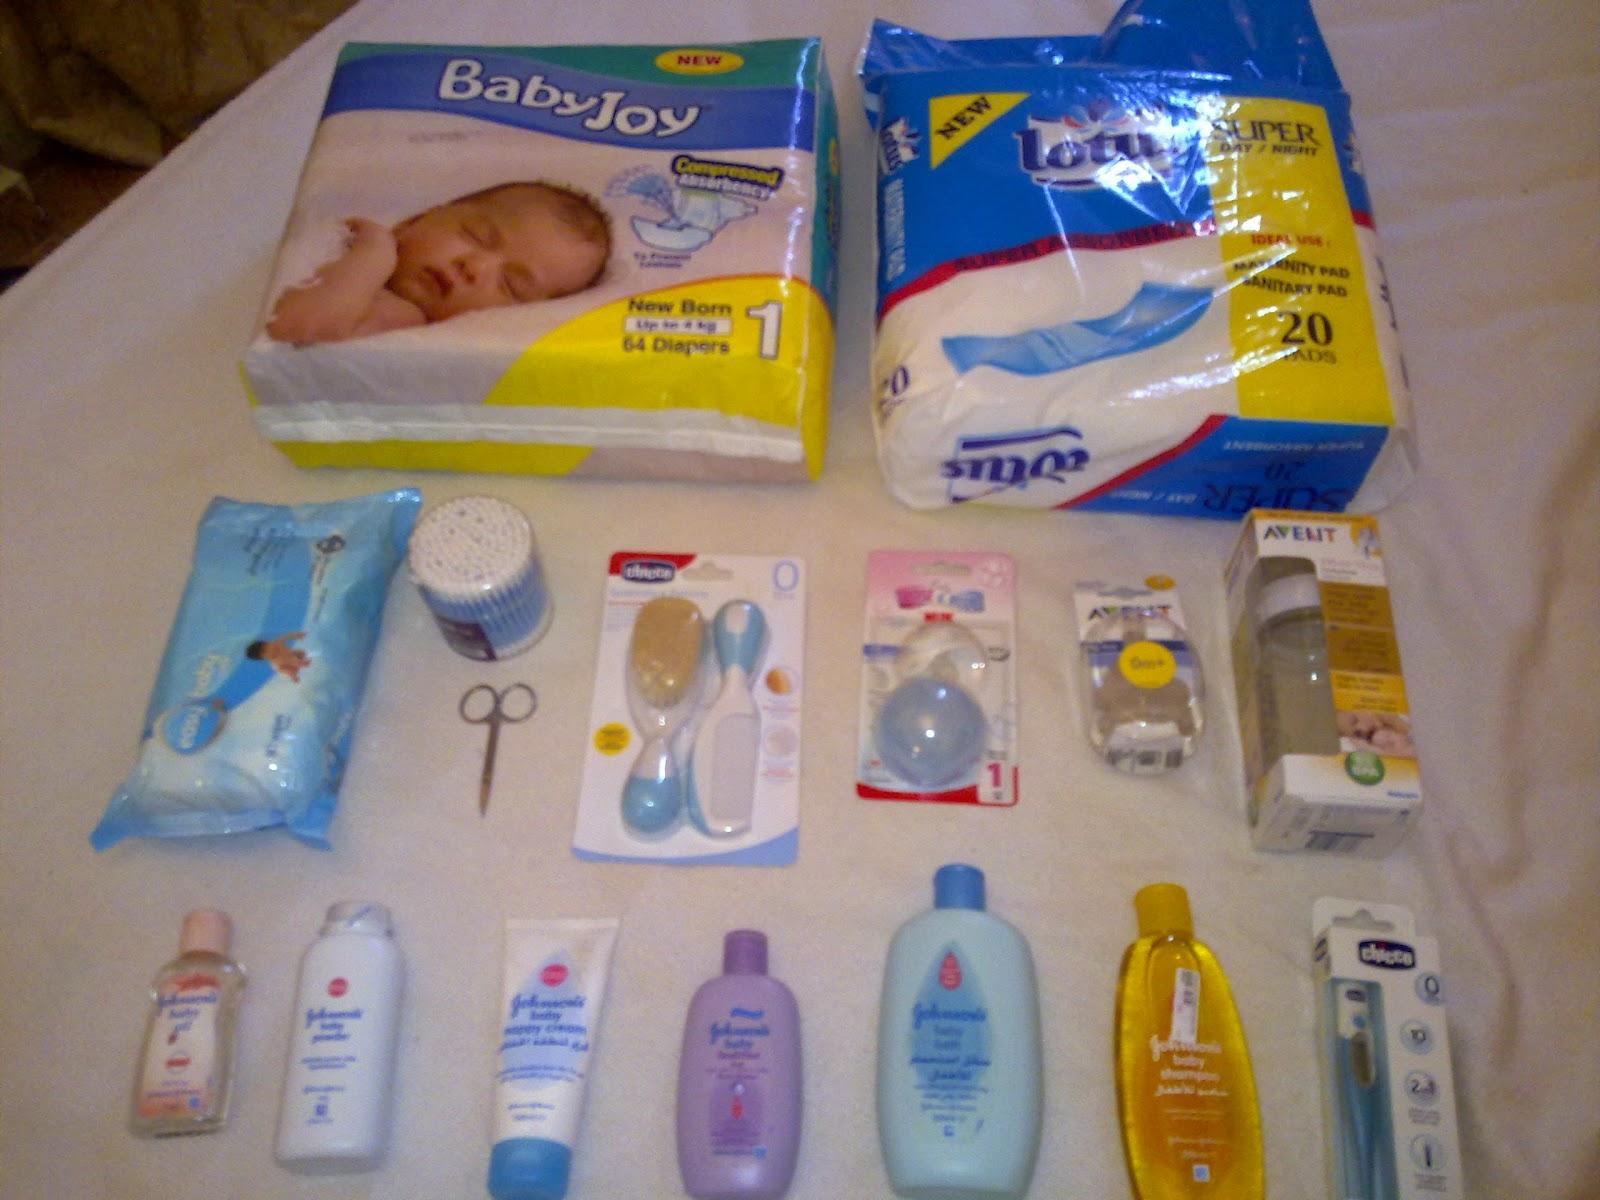 تجهيزات, البيبي, حديث, الولادة ,بالصور,اغراض, البيبي, حديث, الولادة ,بالصور